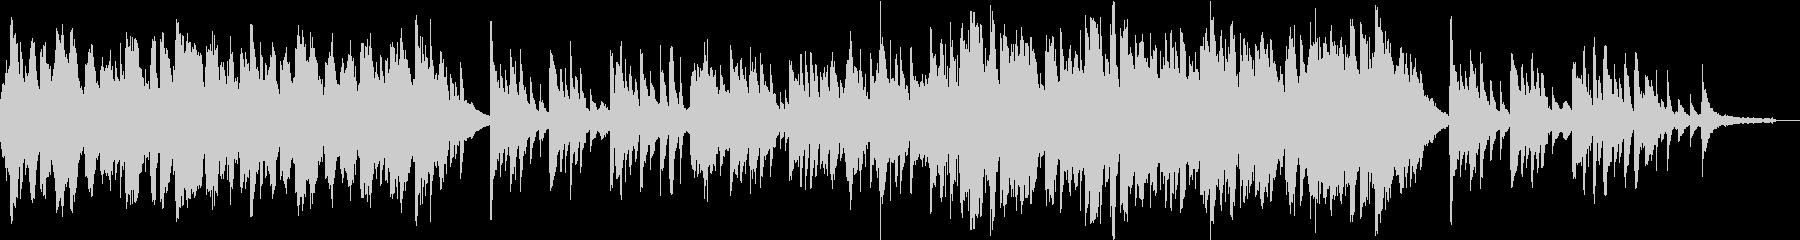 二胡と琴、ピアノのしっとりと切ないBGMの未再生の波形